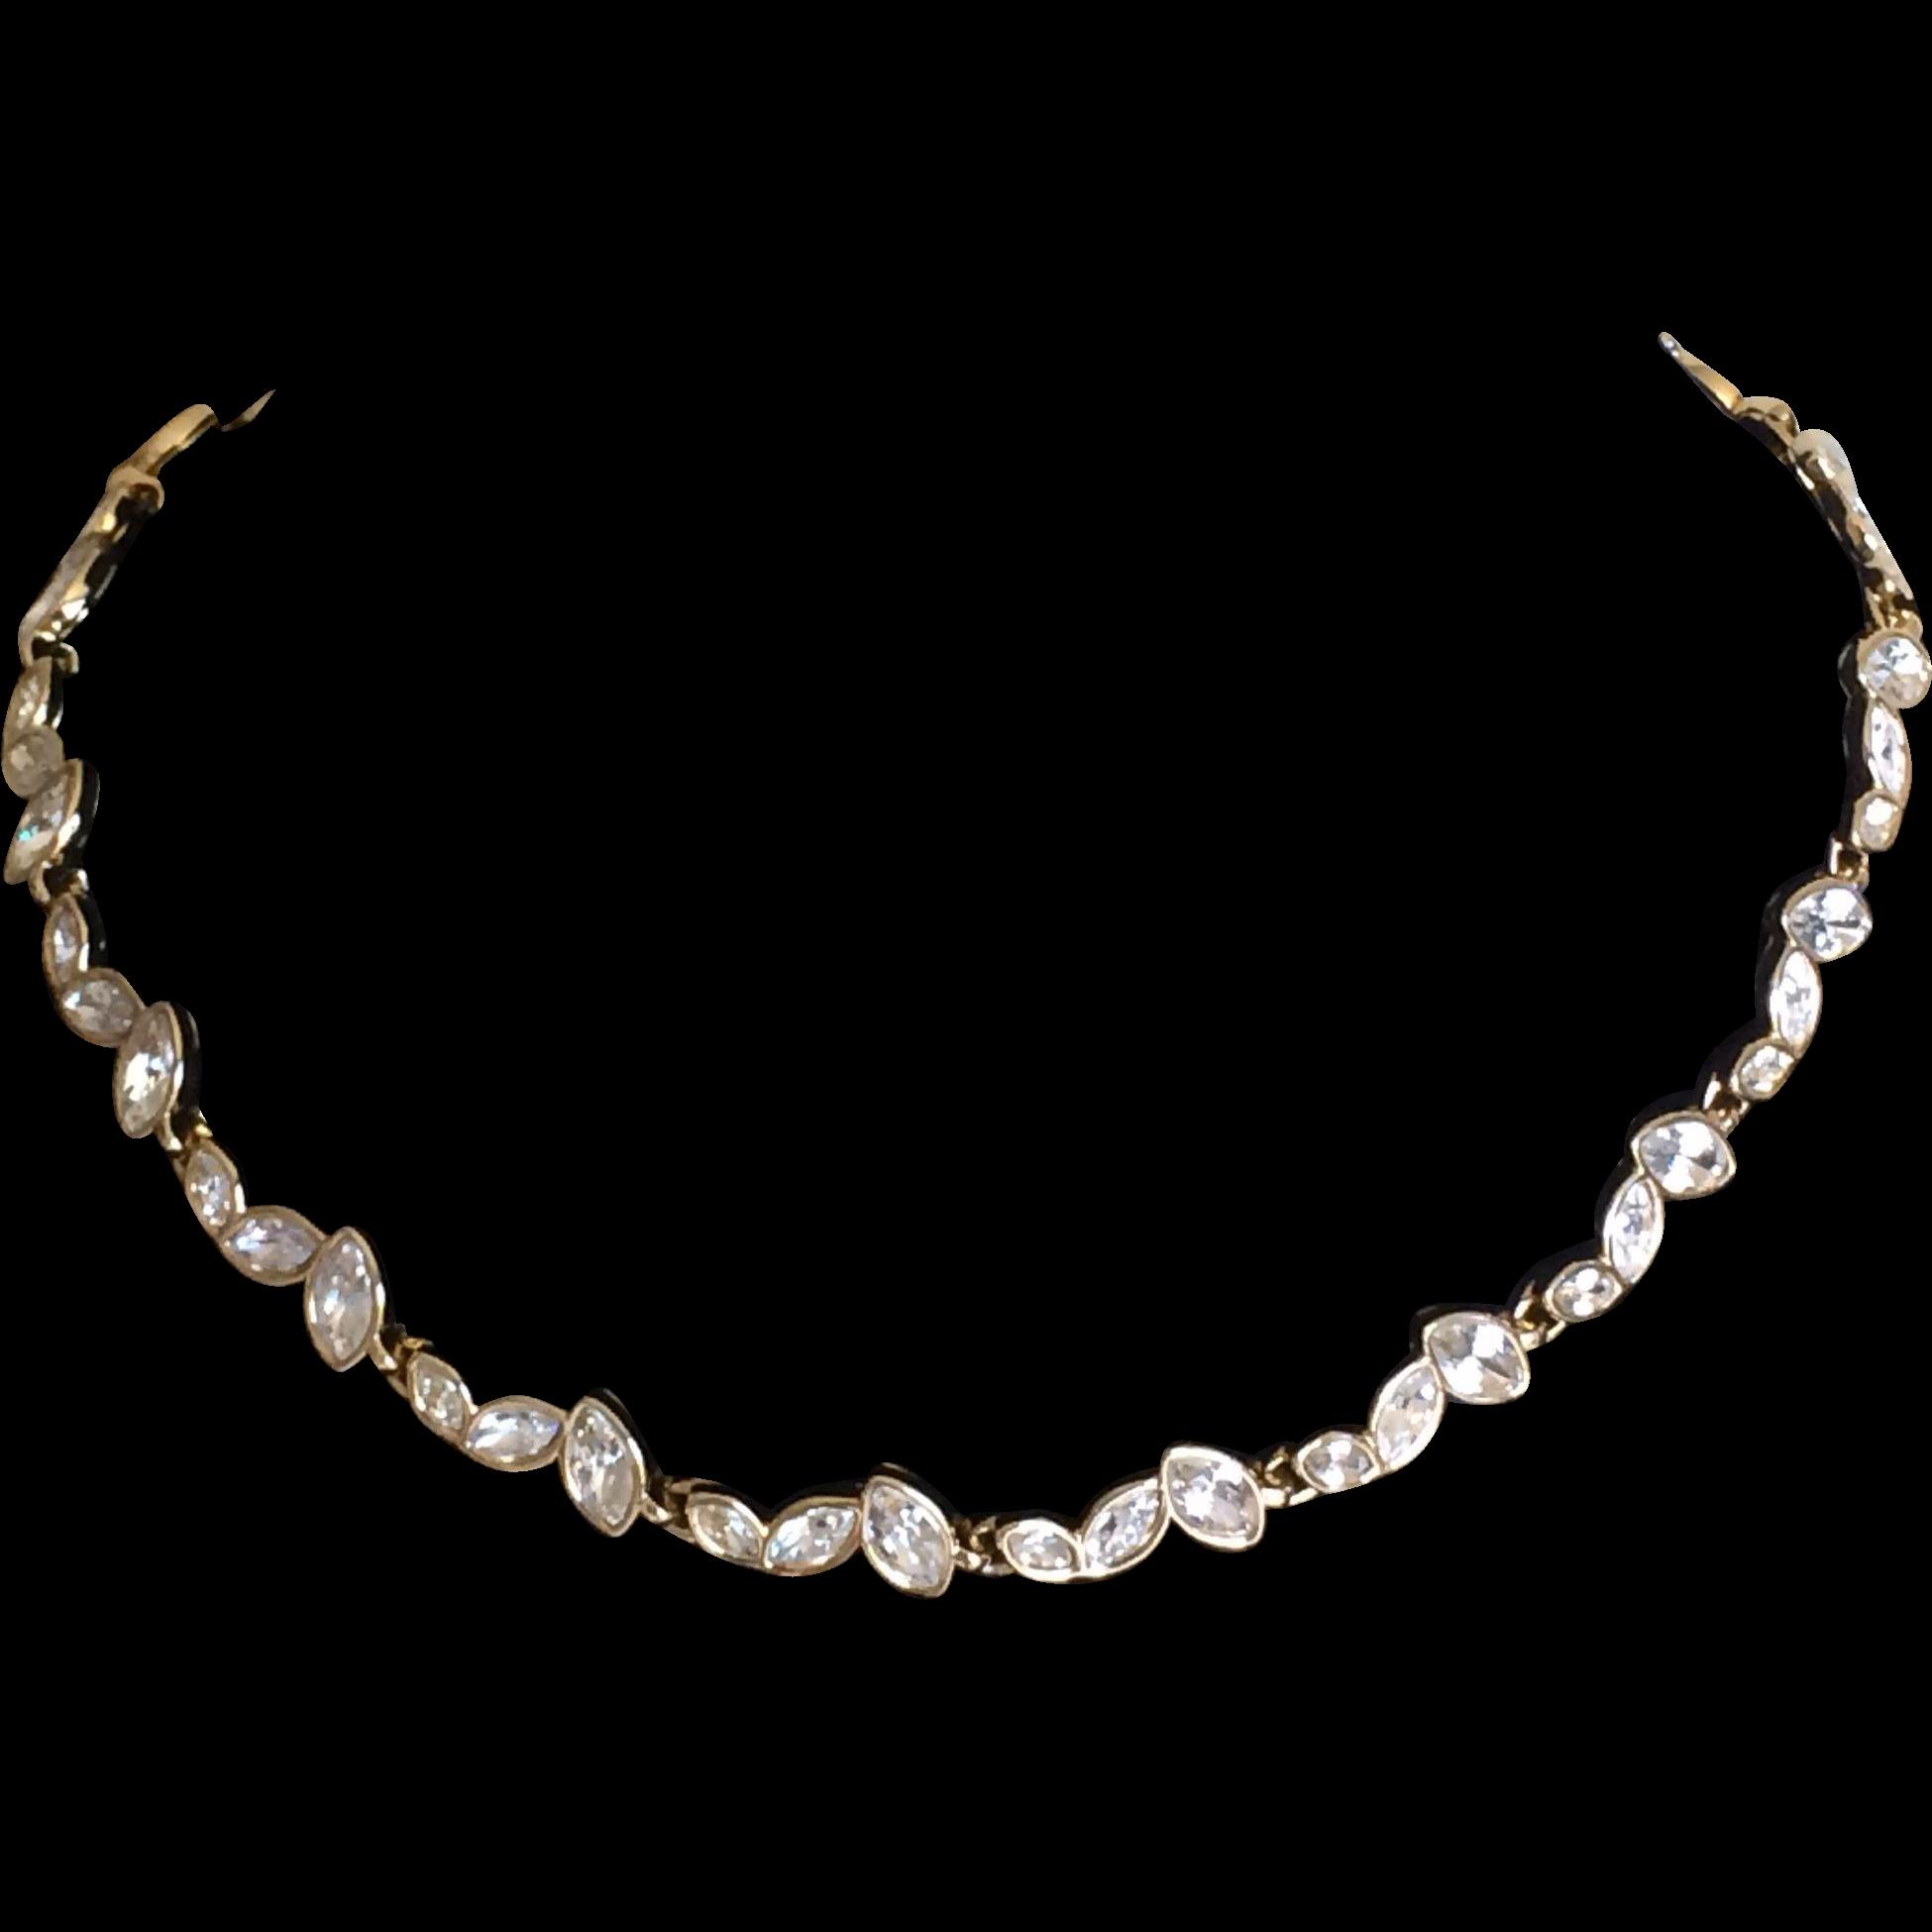 Vintage signed Swarovski crystal necklace with logo swan